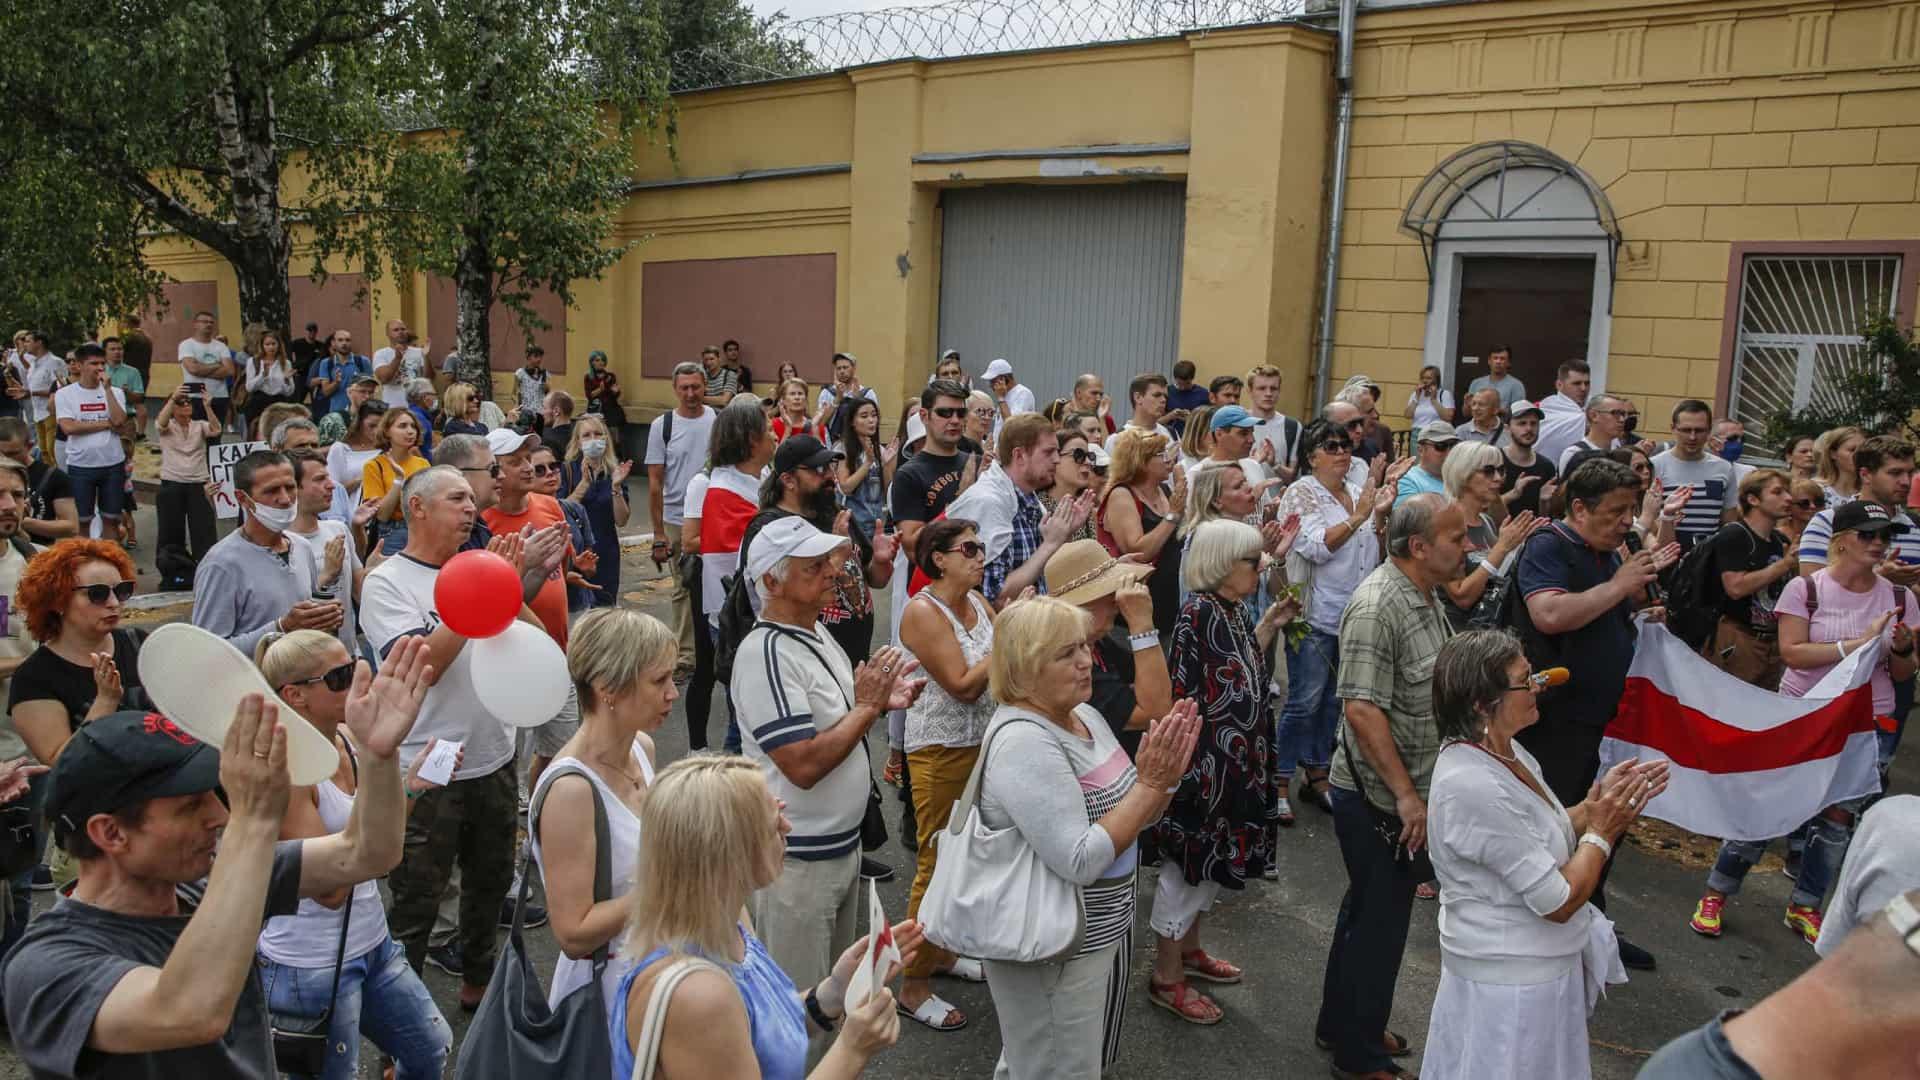 Bielorrússia: Centenas manifestam-se diante de prisão em Minsk